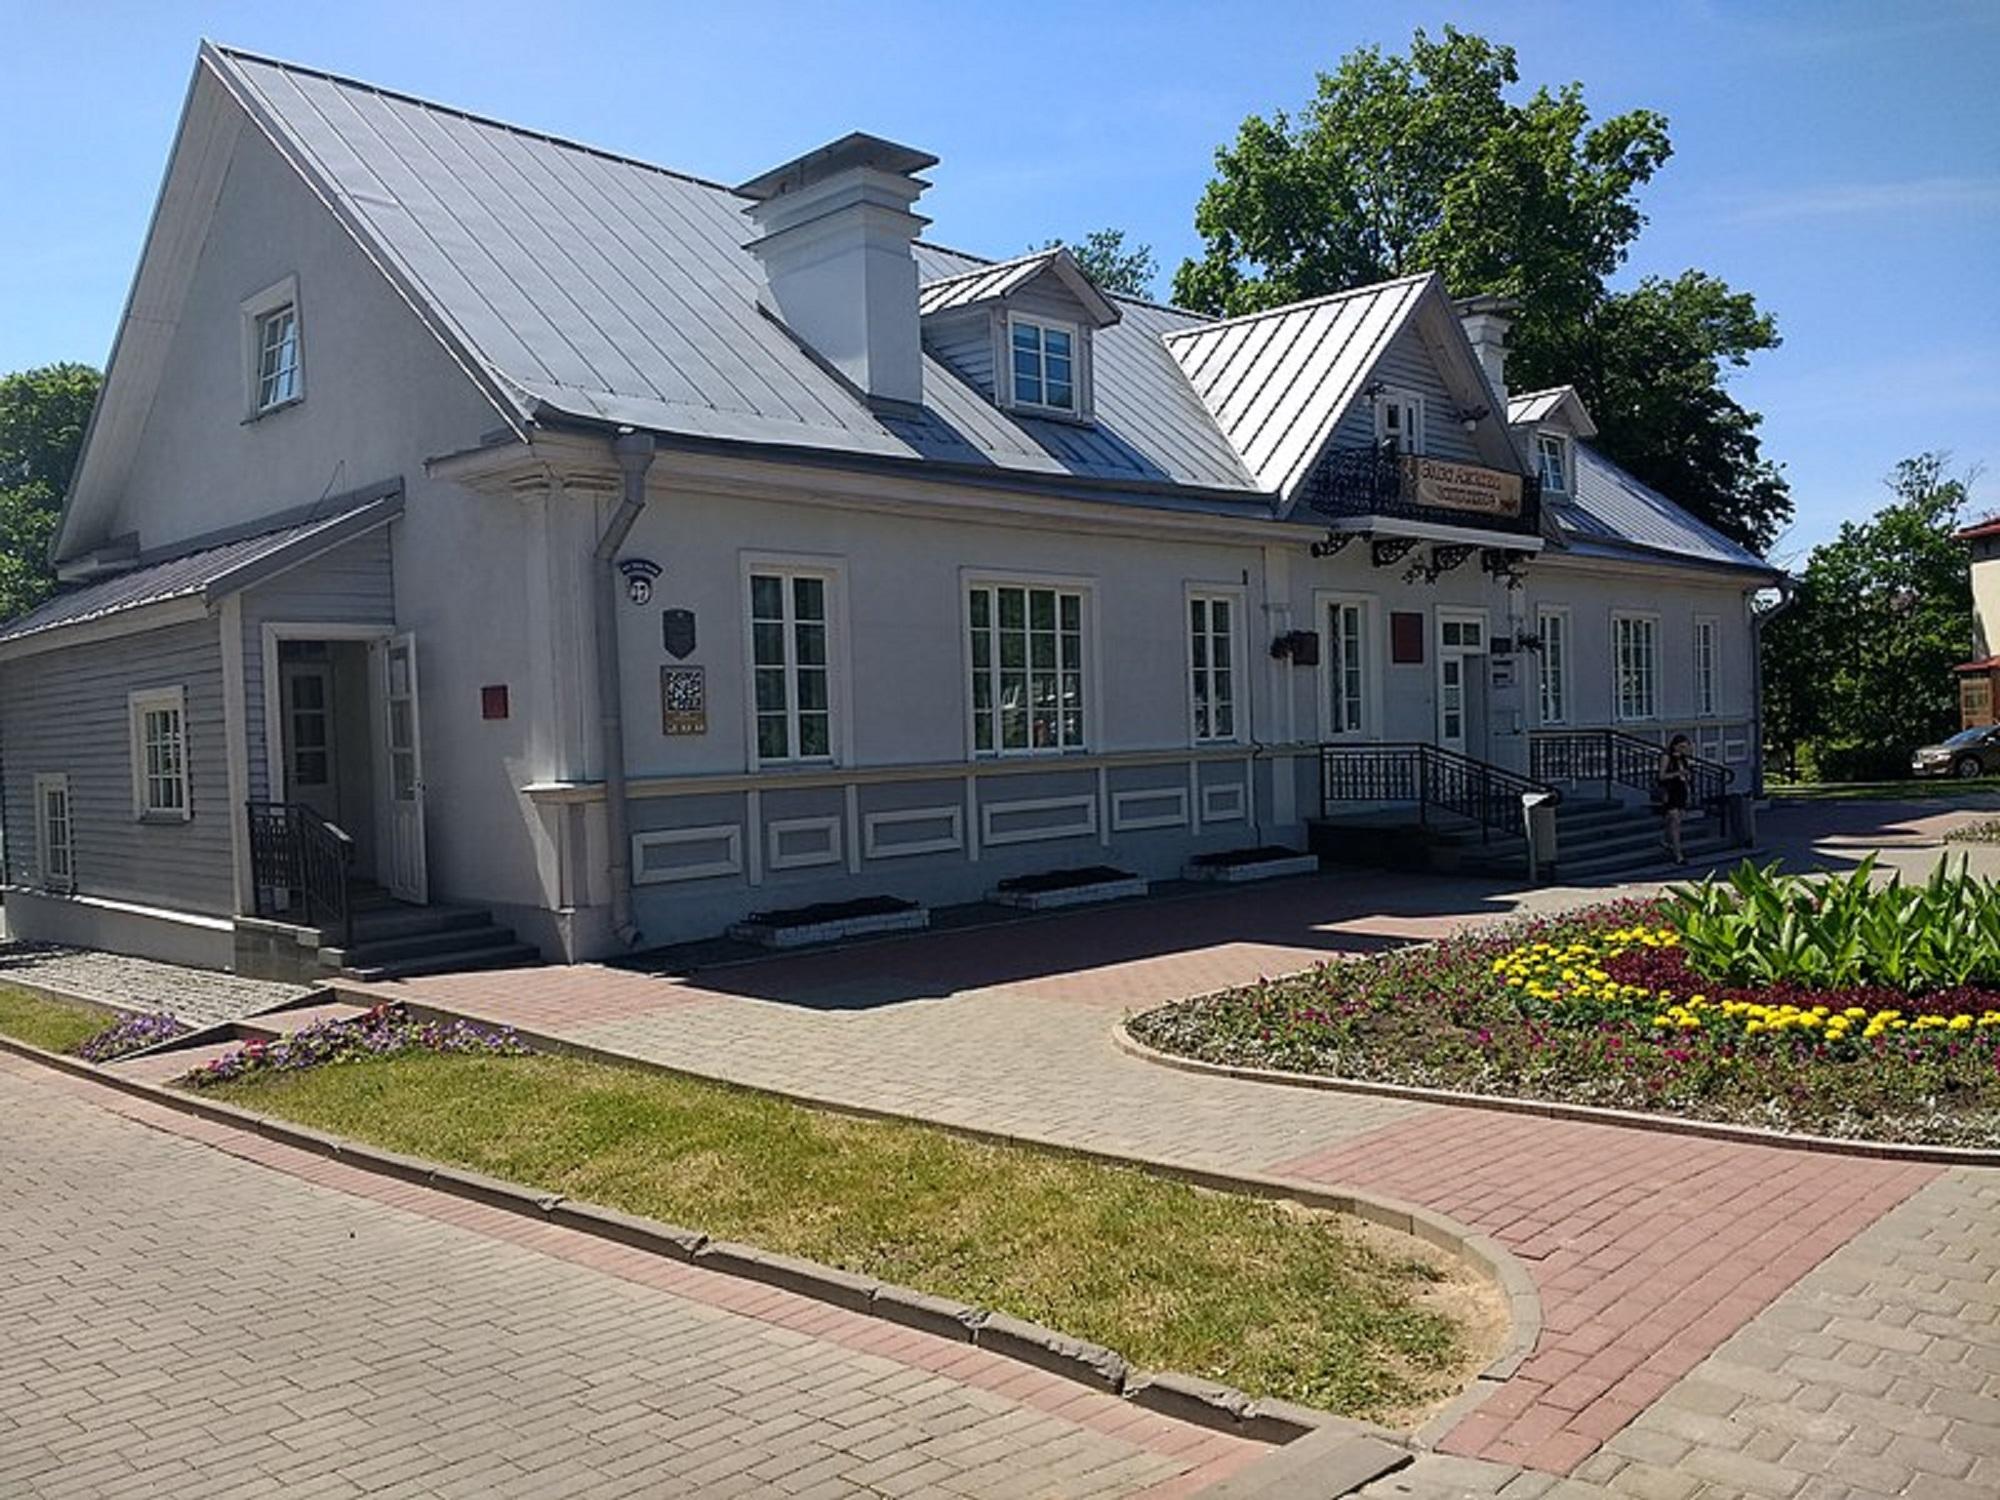 Dom-muzeum Elizy Orzeszkowej  w Grodnie (fot. Wikipedia)